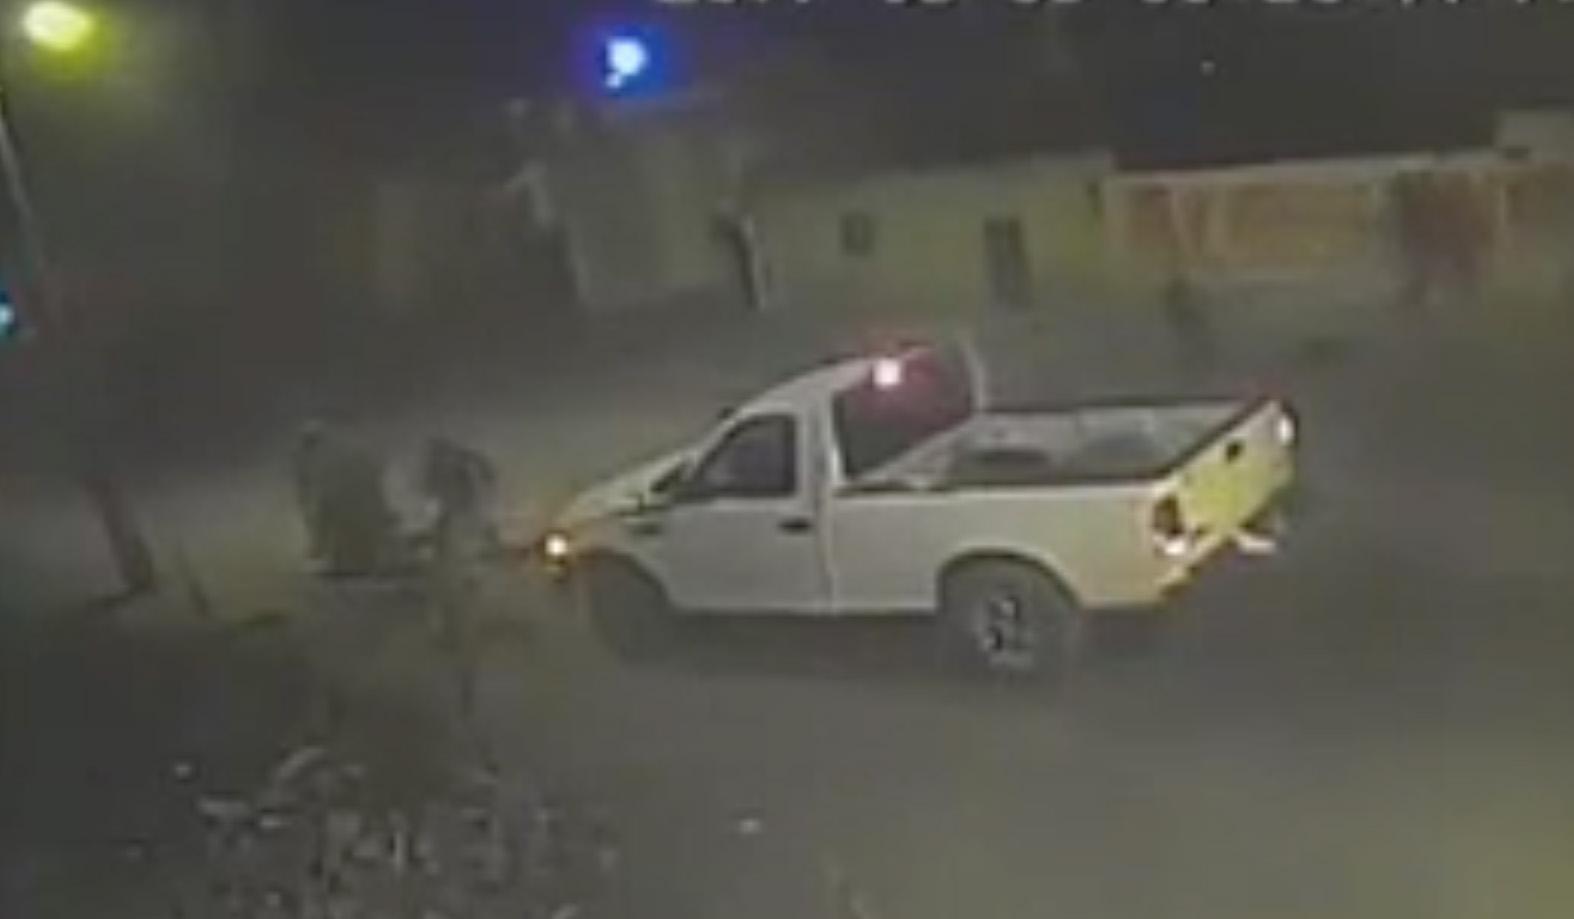 La PGR informó que desde el 4 de mayo inició una investigación de los hechos ocurridos en Palmarito.